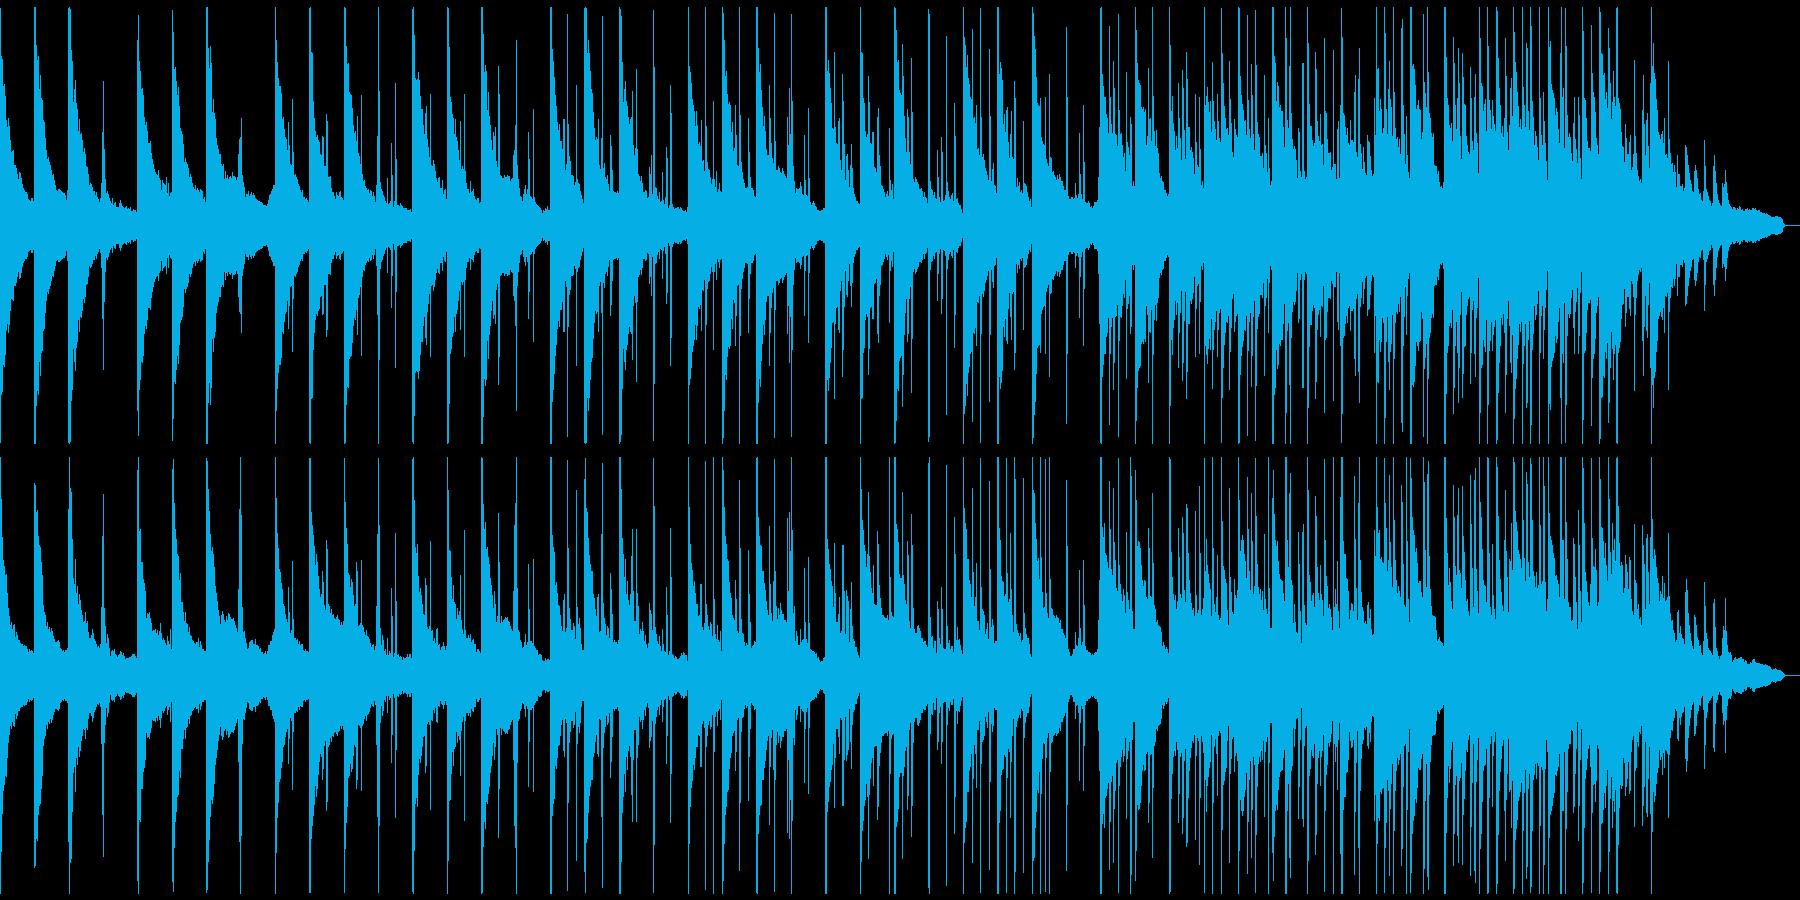 月をイメージしたピアノ曲/ゲーム/M13の再生済みの波形